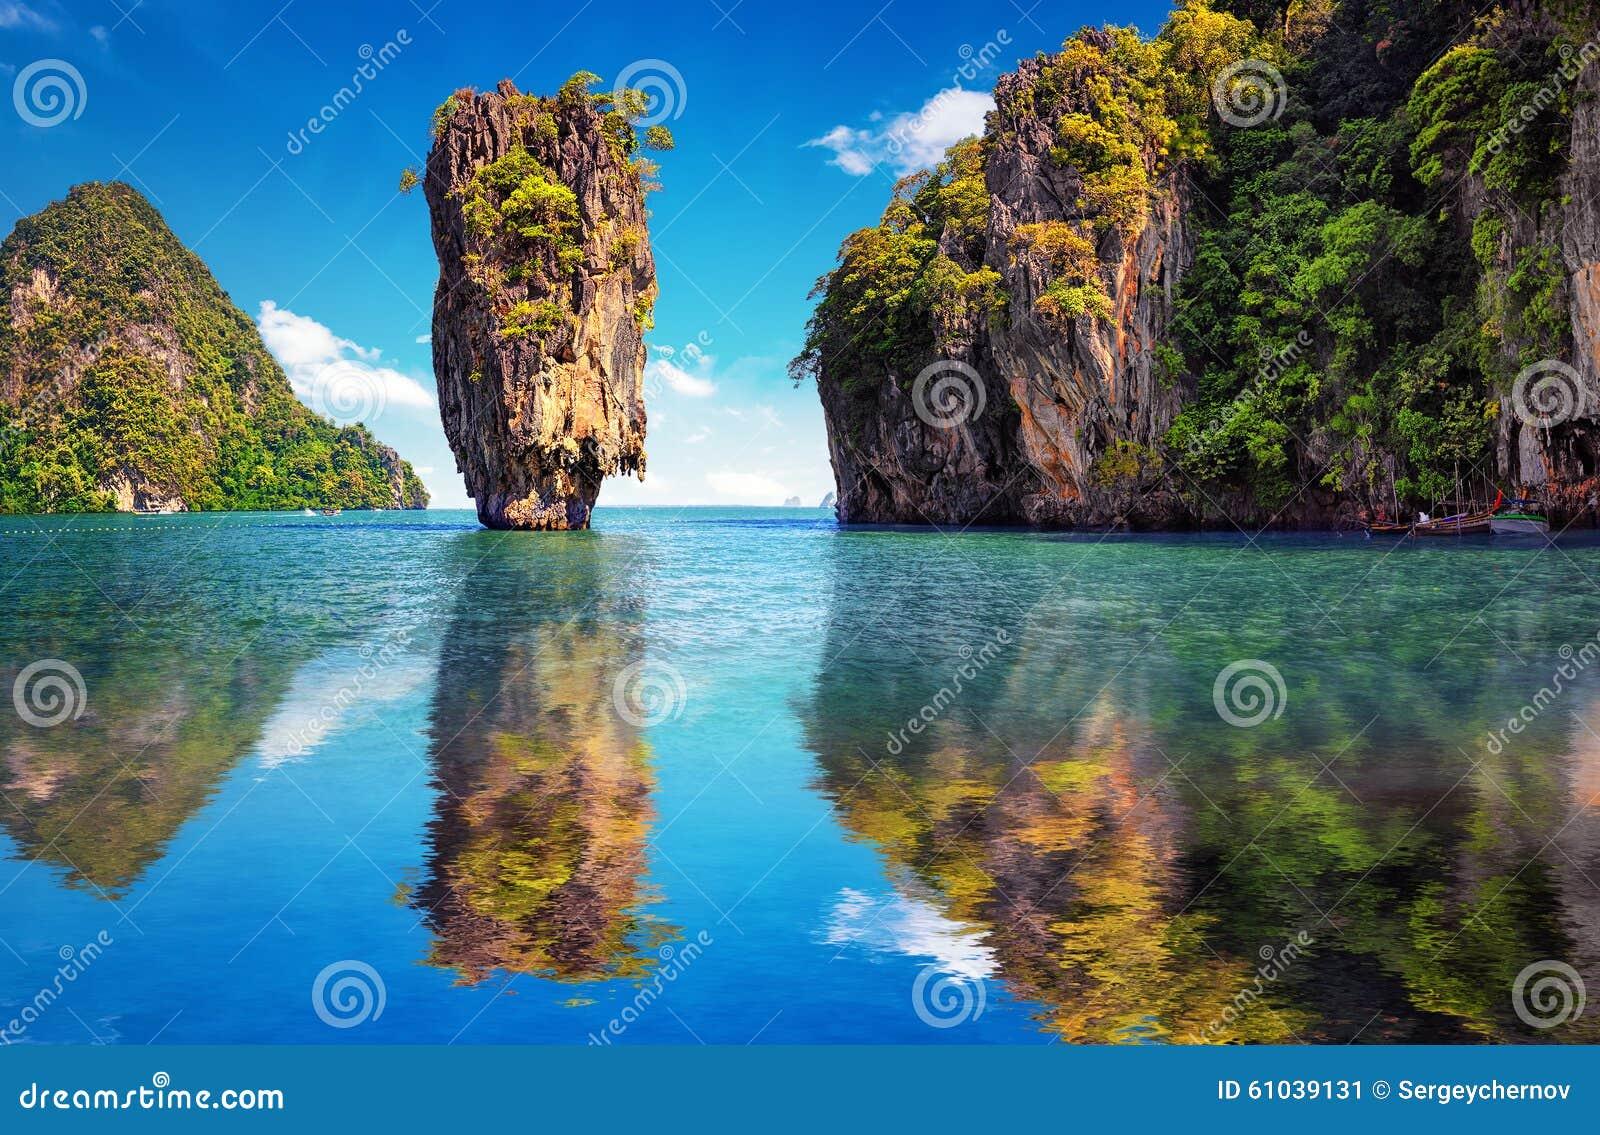 Natureza bonita de Tailândia Reflexão da ilha de James Bond